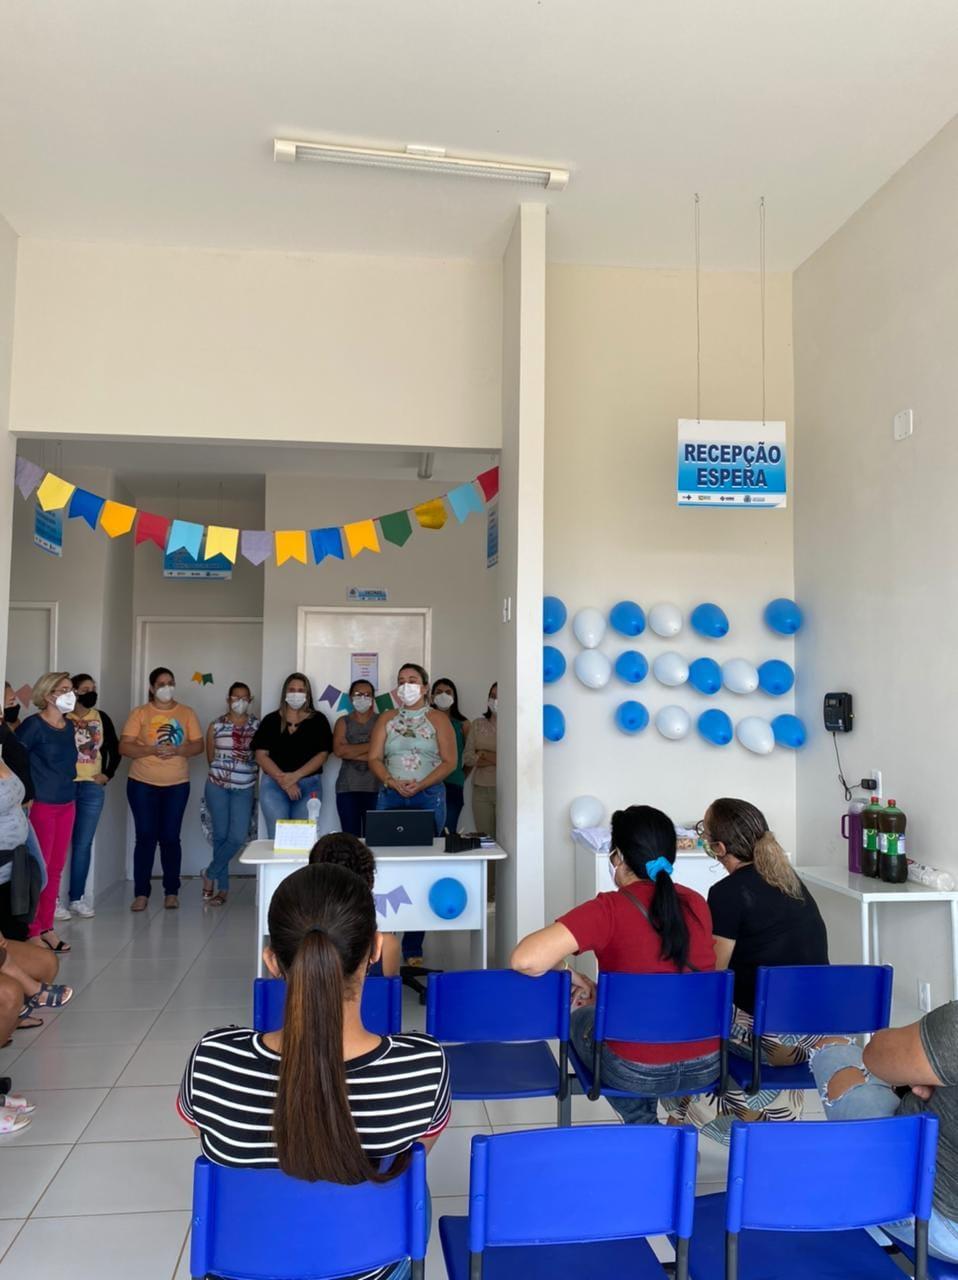 Unidade Básica de Saúde Chico Pereira completa 1 ano de serviços prestados a população Soledadense